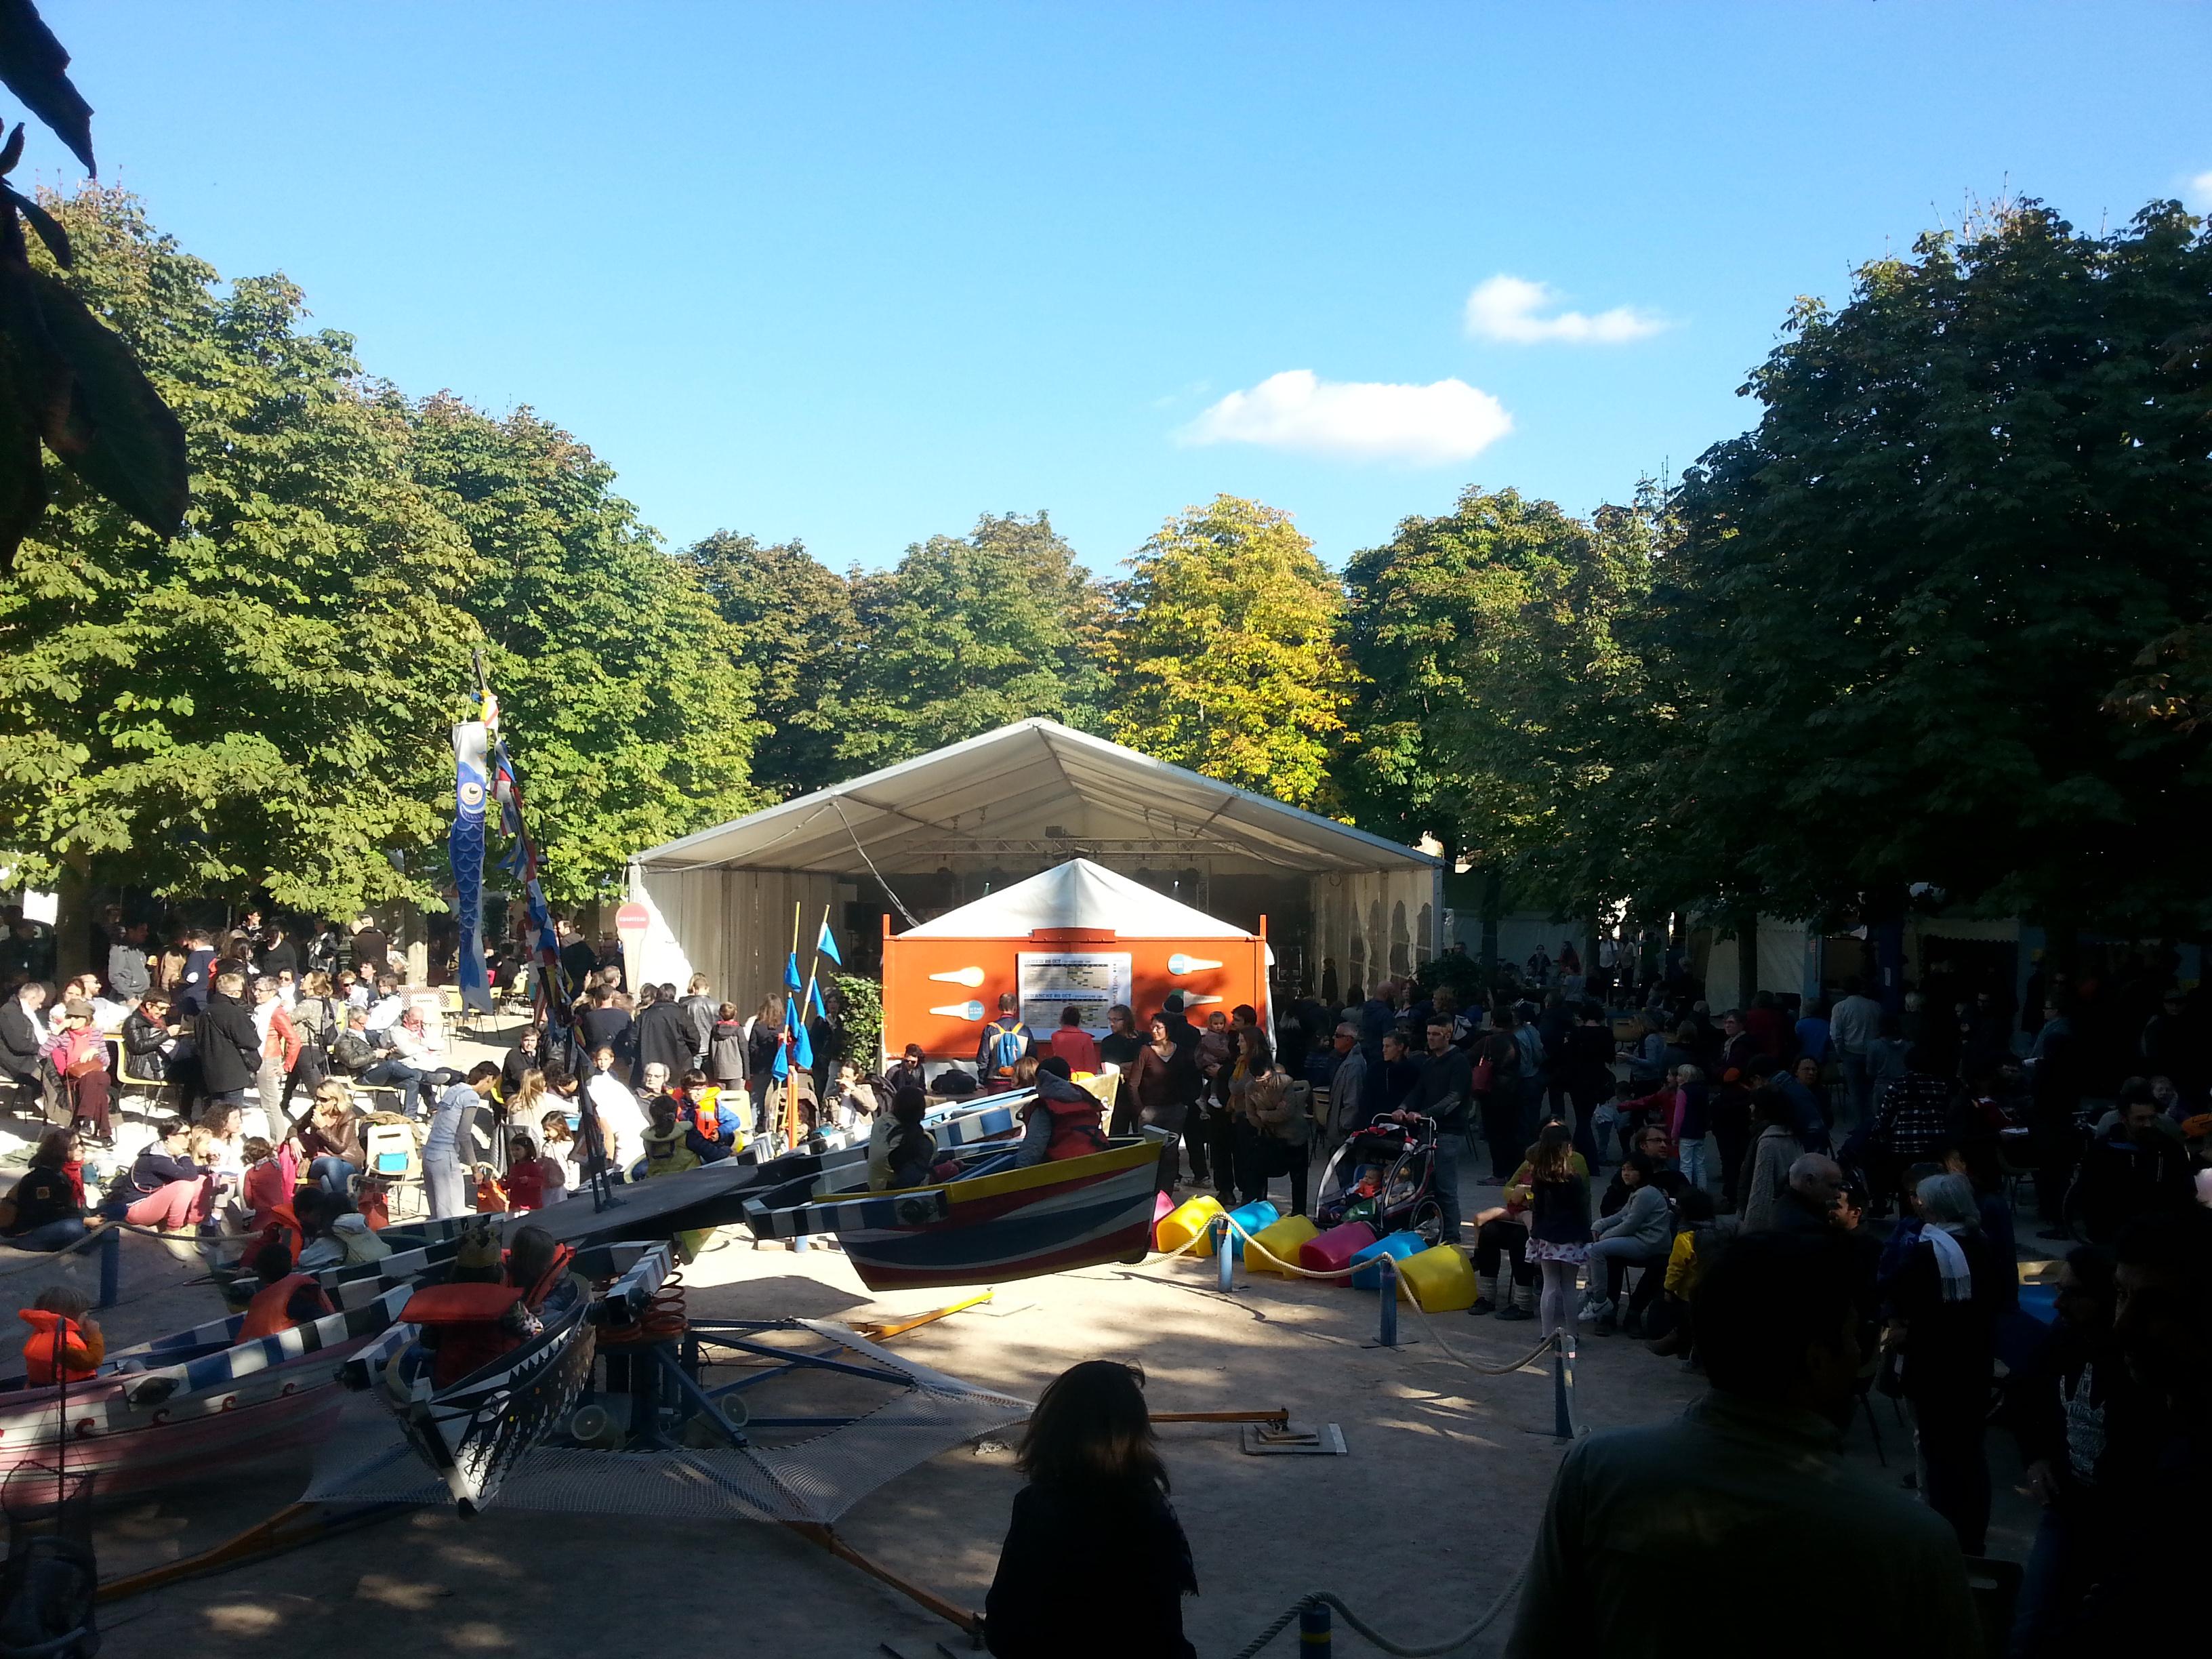 Festival de Travers 2016